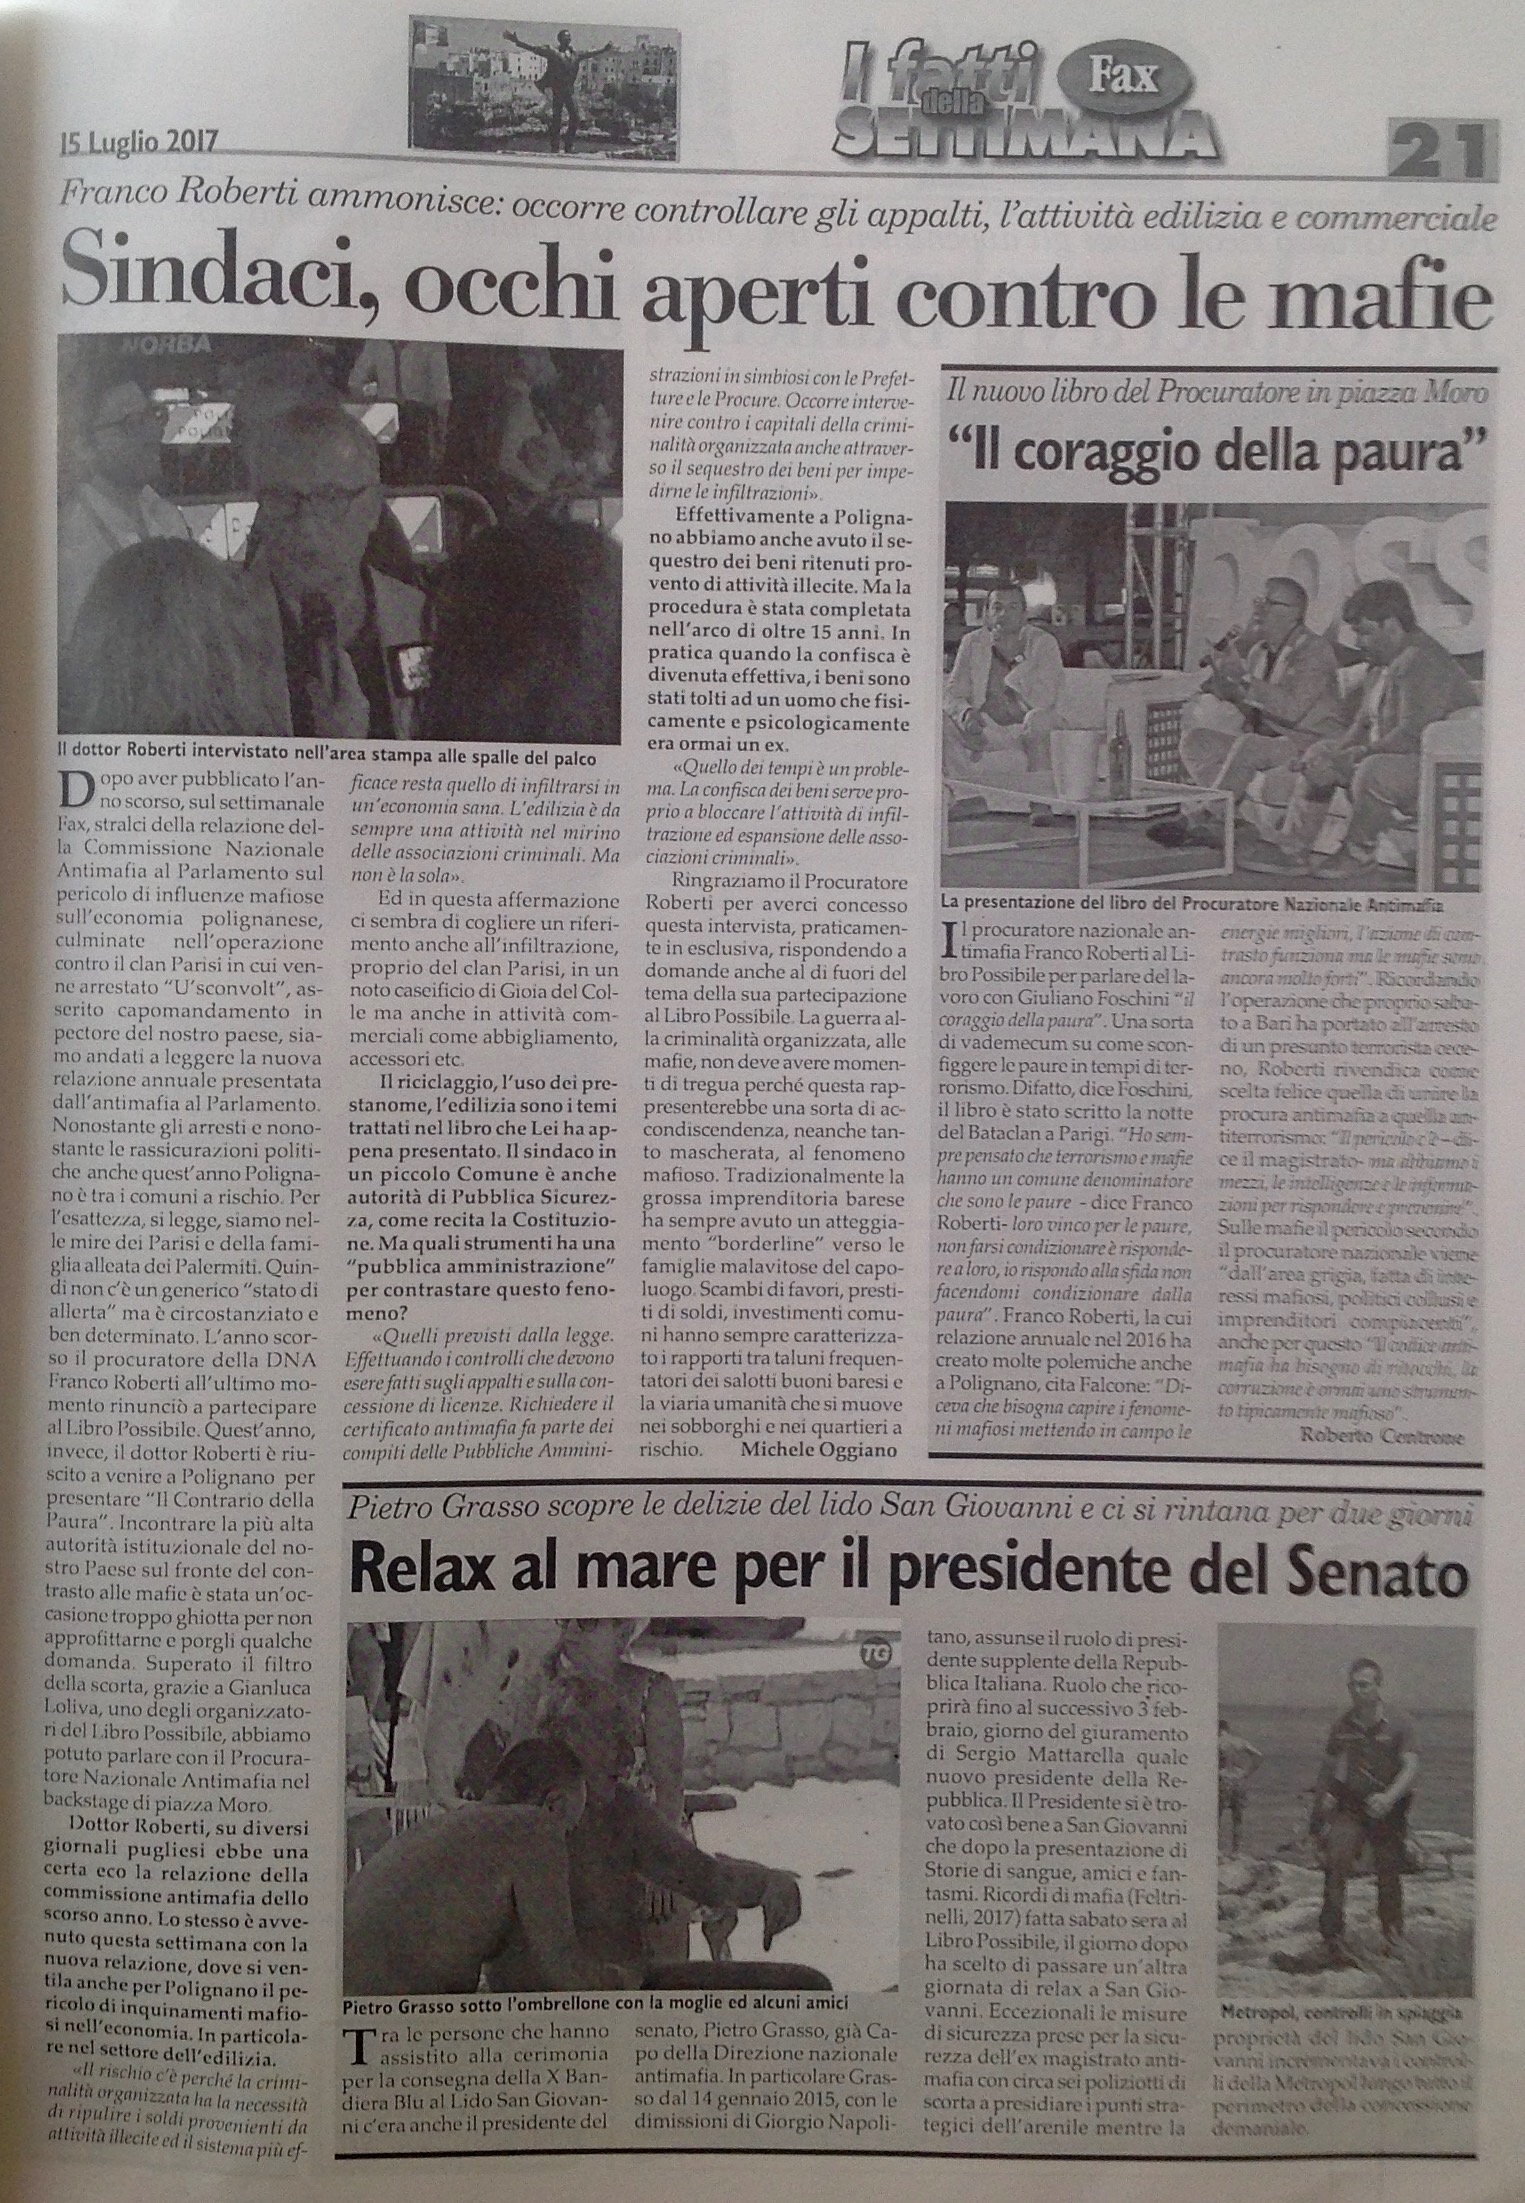 Intervista a Franco Roberti - Settimanale FAX - 15.07.2017